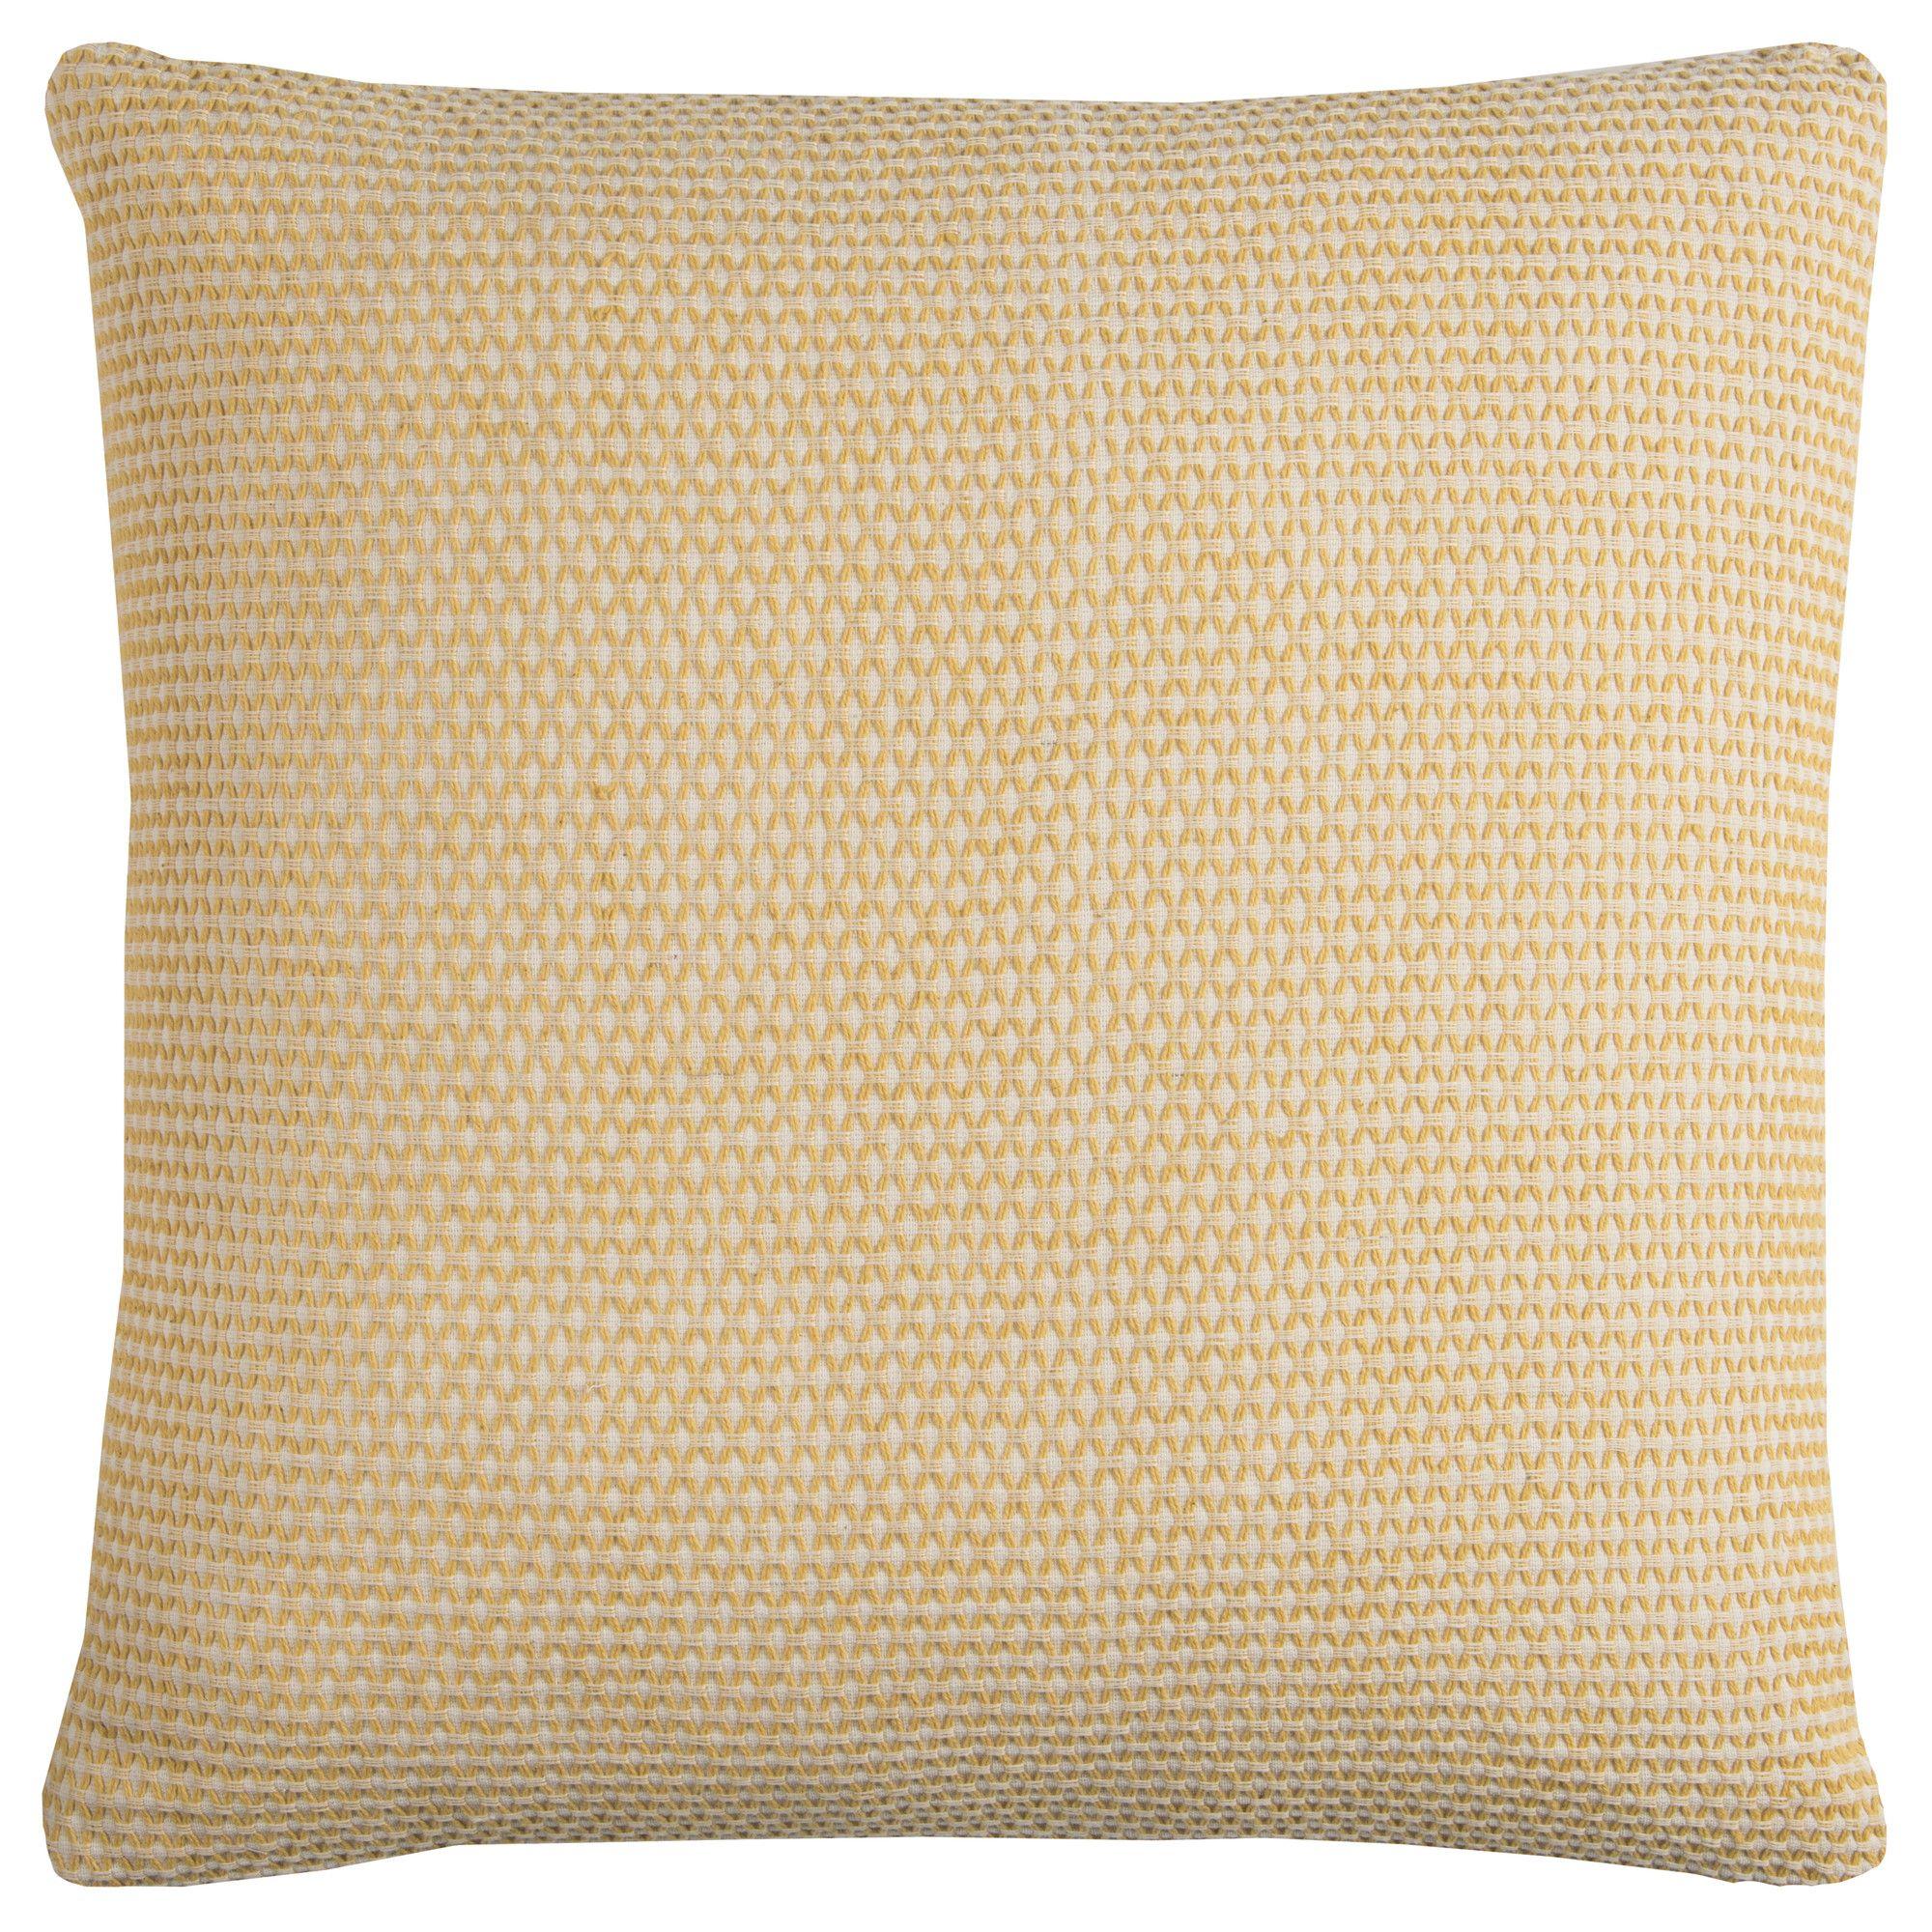 Edouard cotton throw pillow cotton throws cotton and throw pillows